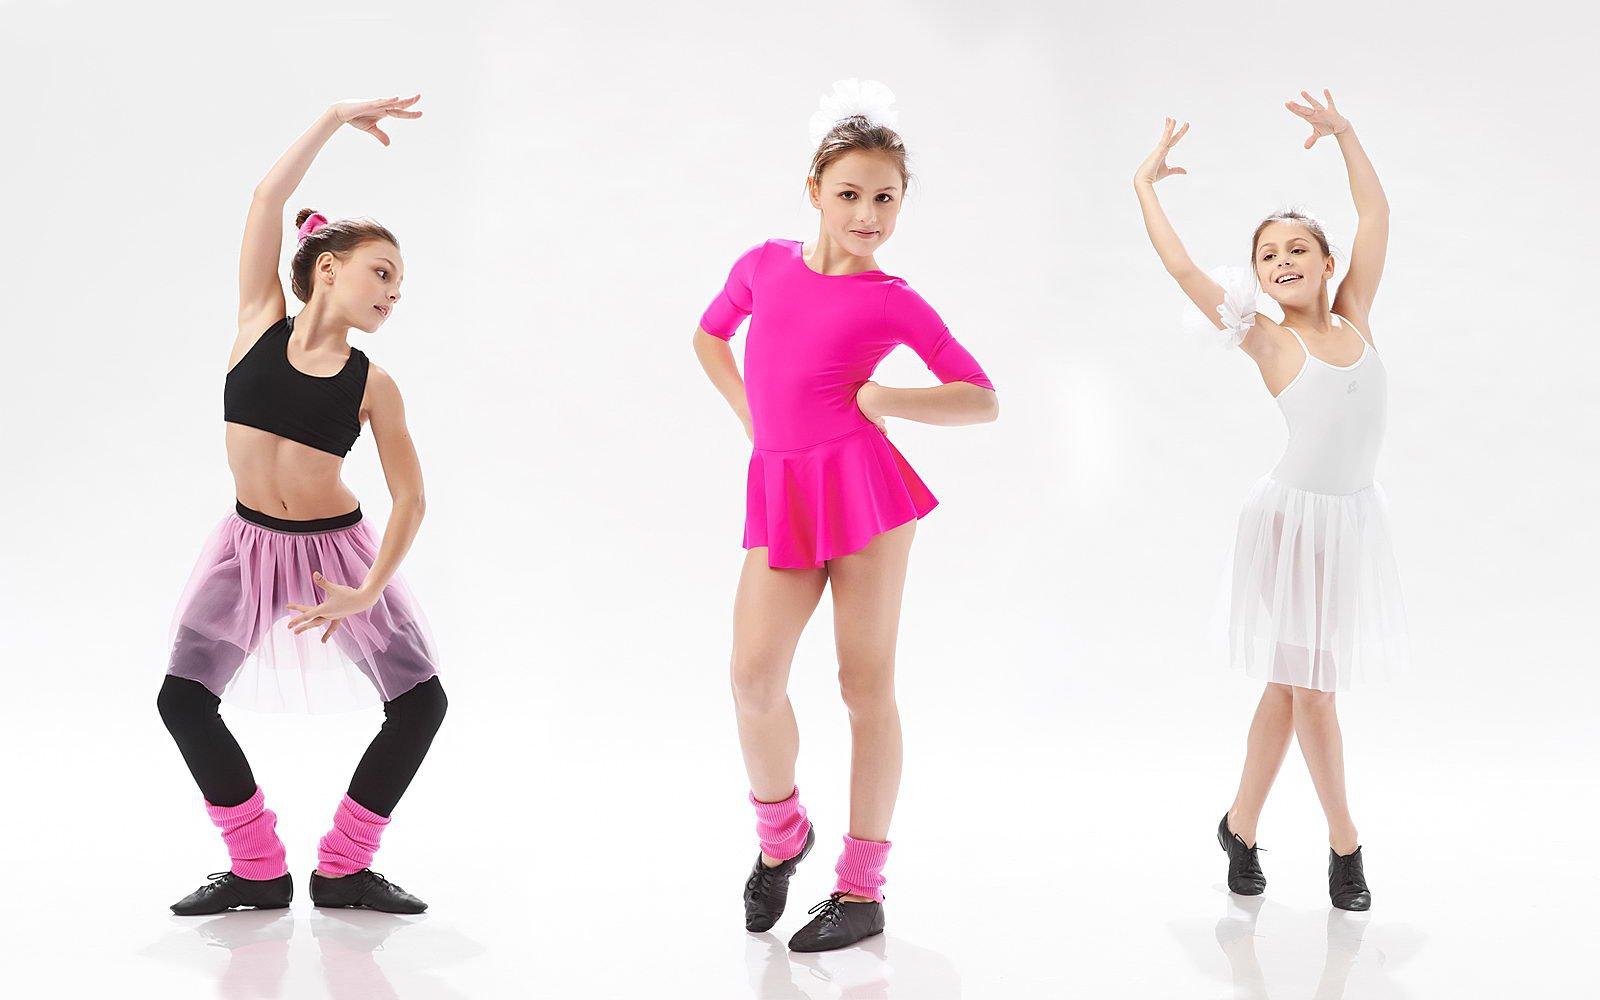 Какова роль детской одежды в изучении танцев